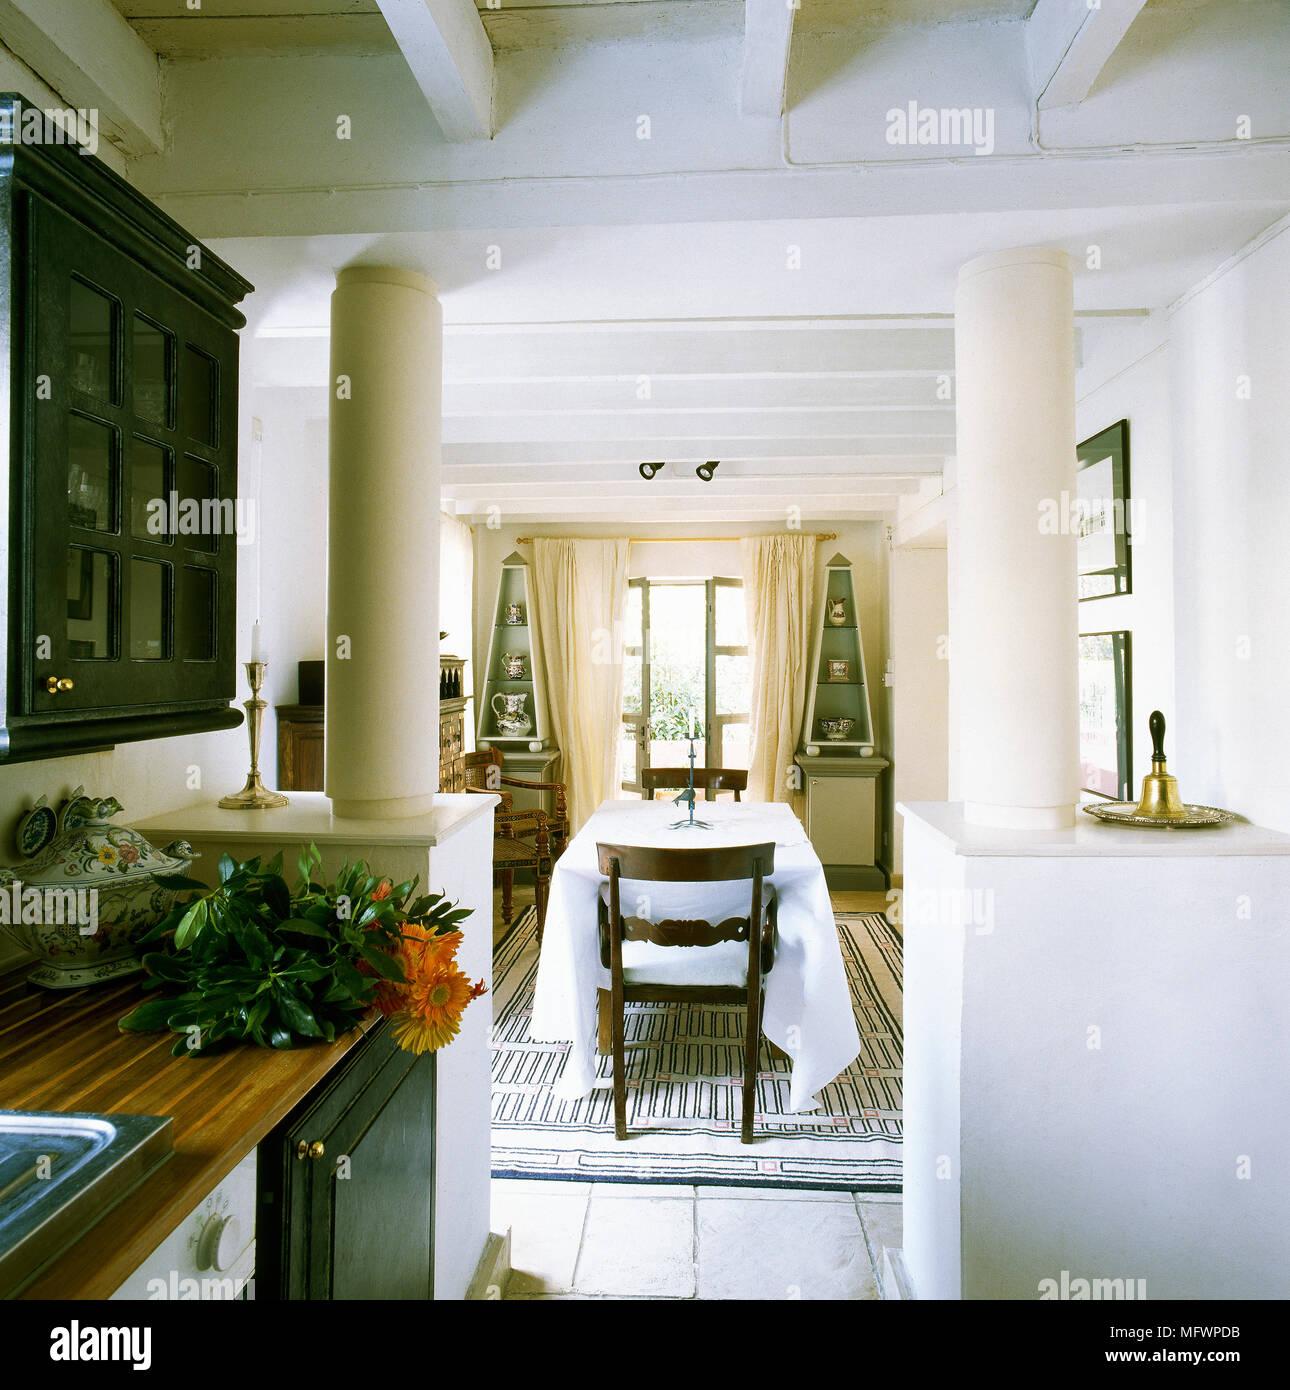 White cucina con sala da pranzo al di là con tavolo e sedie Foto ...